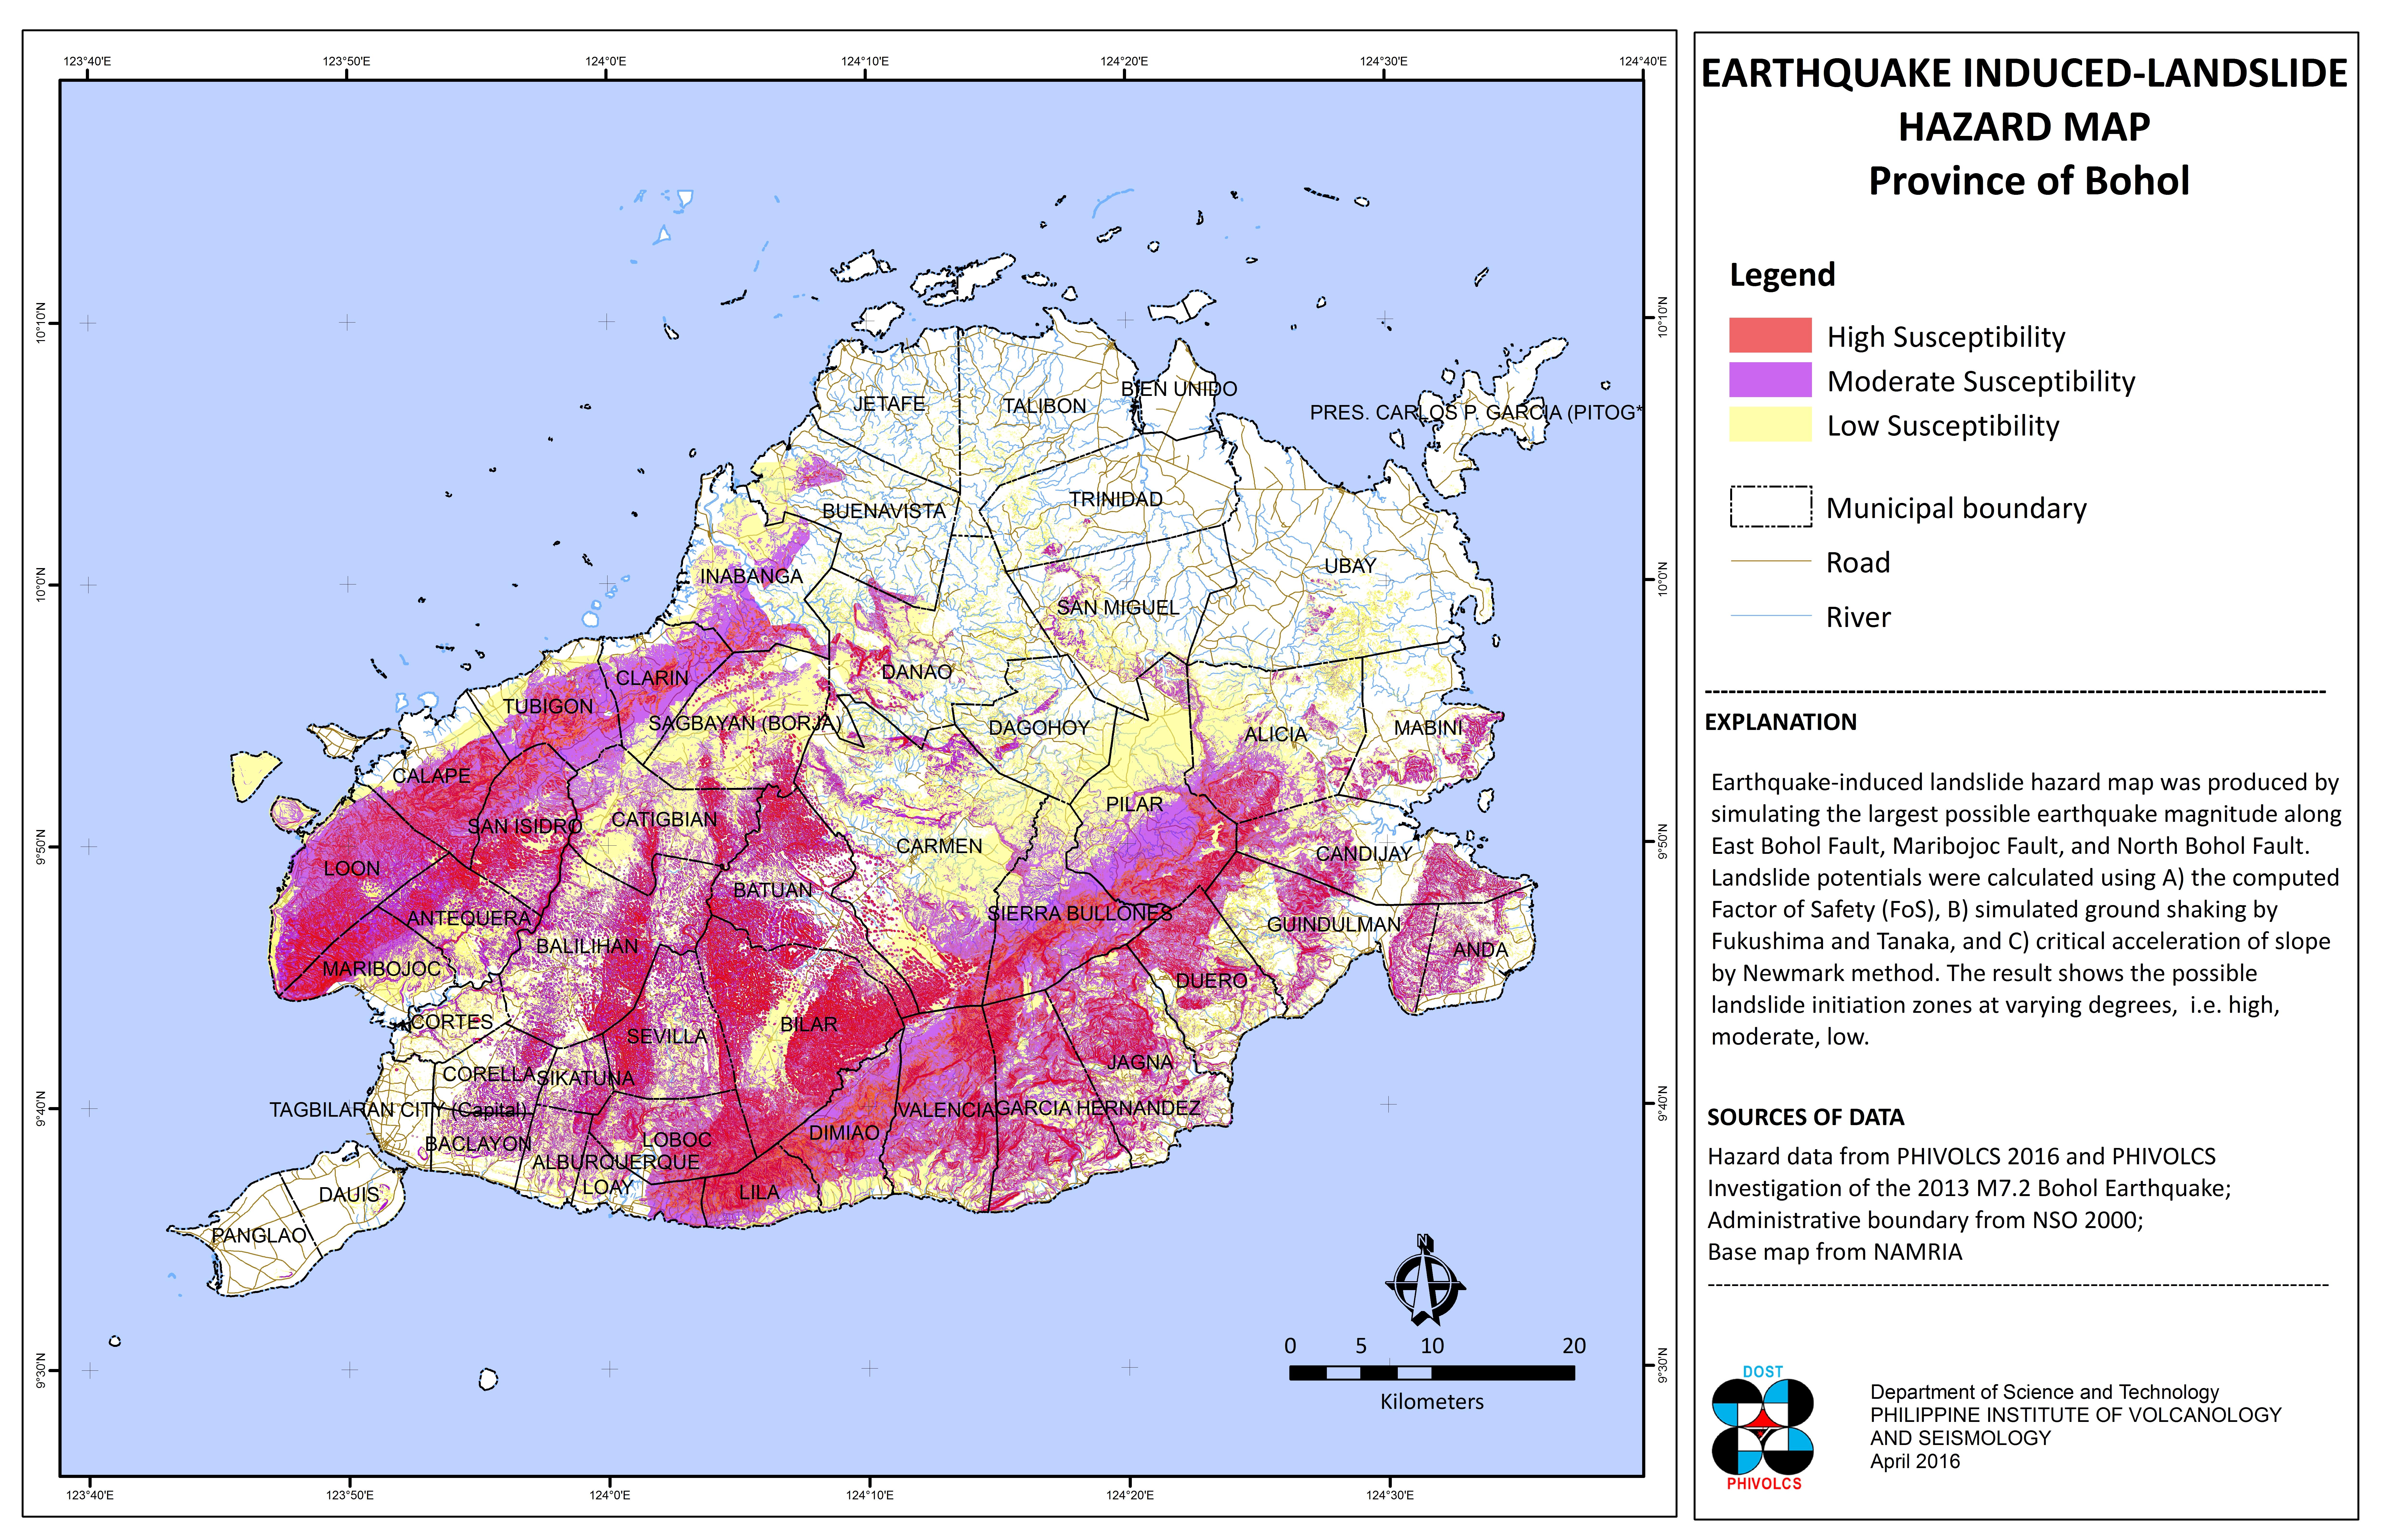 Bohol Earthquake-Induced Landslide Hazard Map, 2016 update